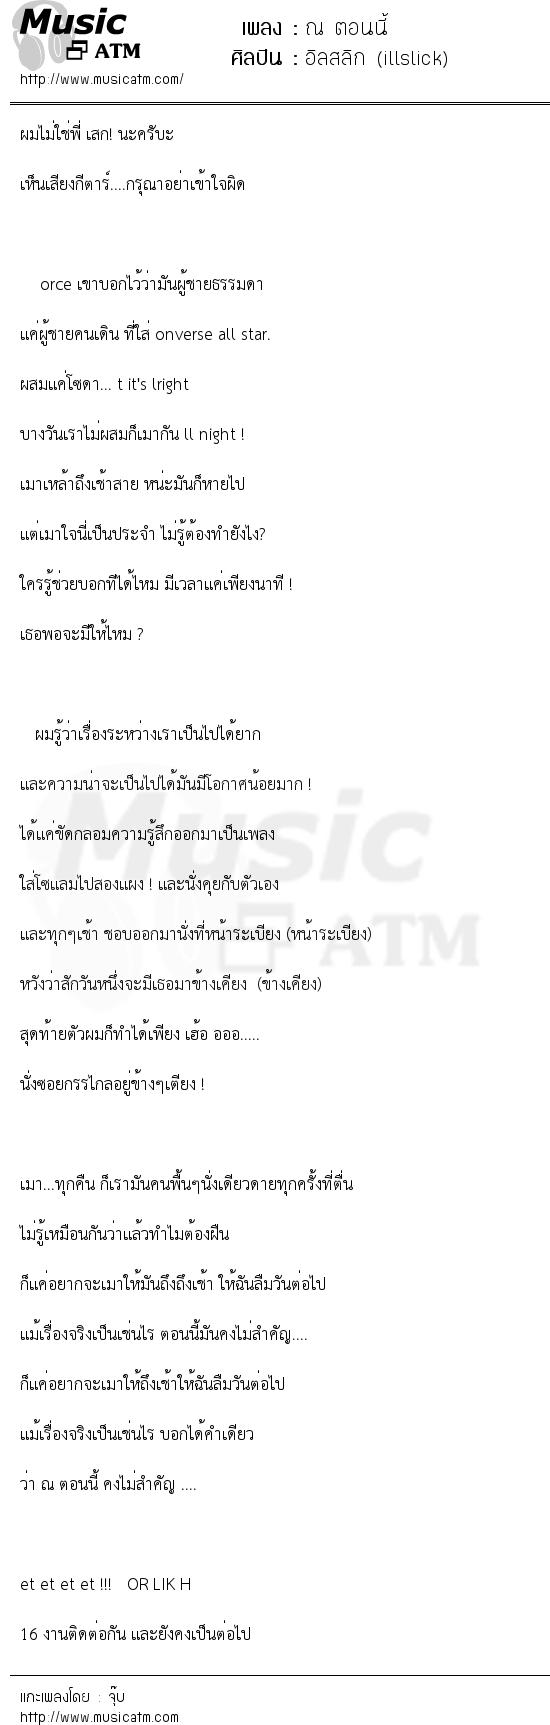 เนื้อเพลง ณ ตอนนี้ - อิลสลิก (illslick) | เพลงไทย